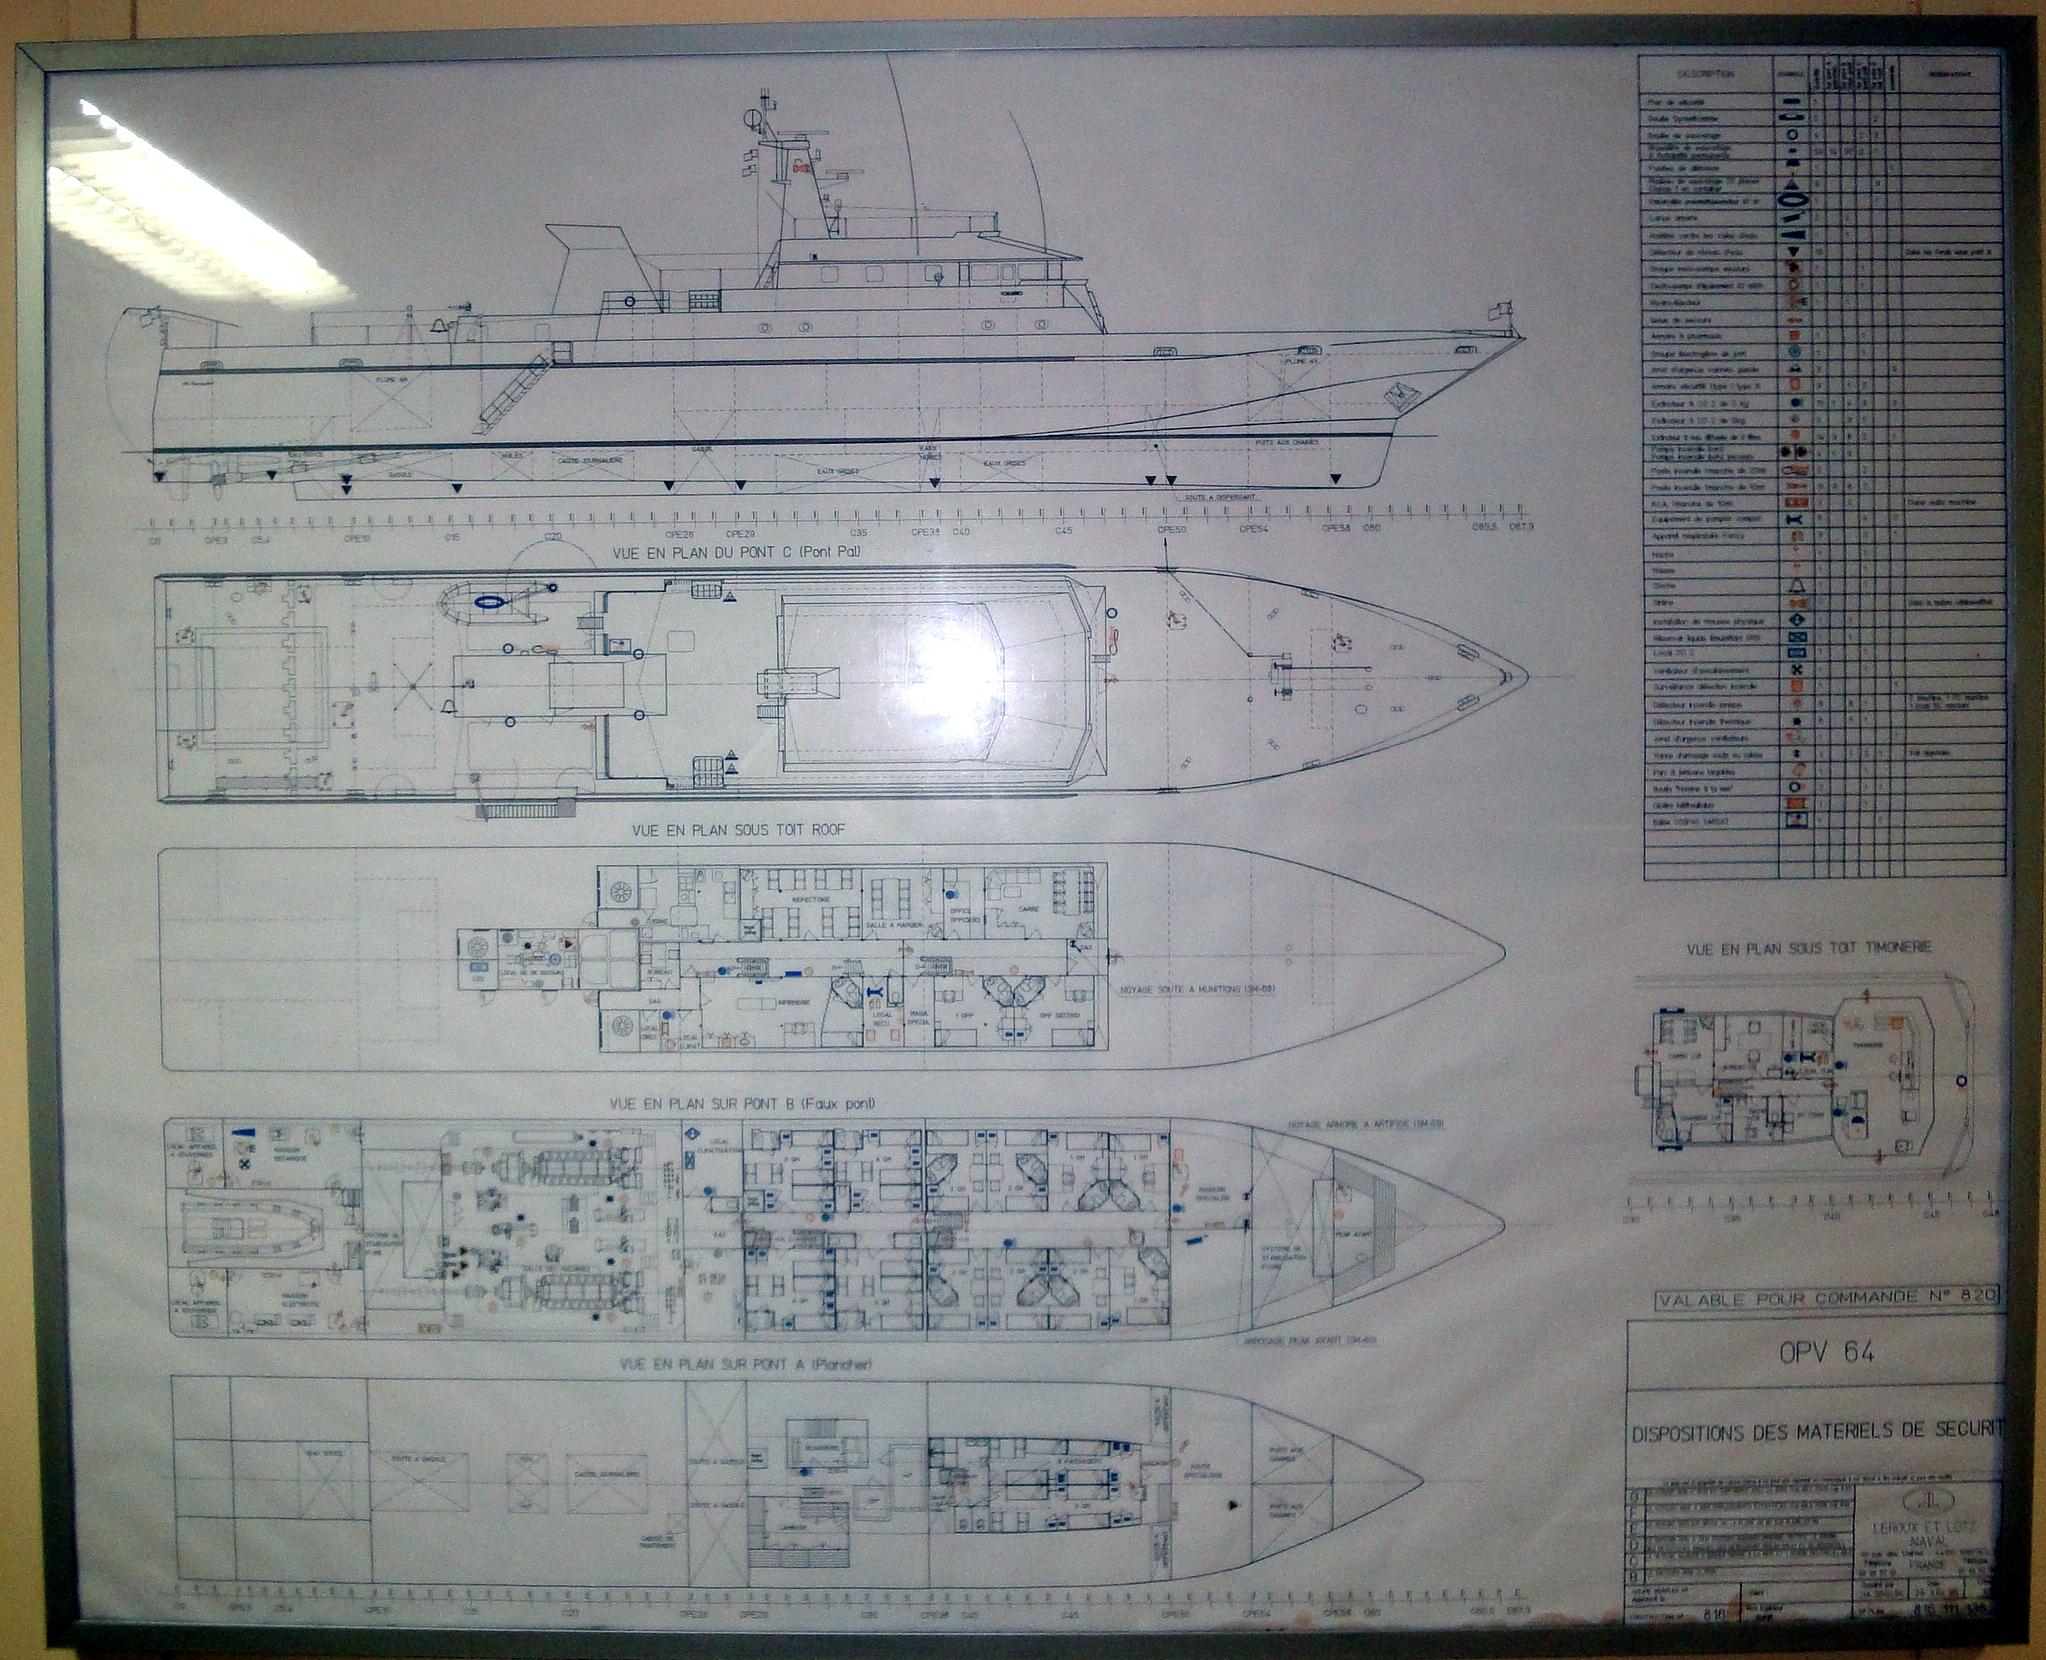 Royal Moroccan Navy Patrol Boats / Patrouilleurs de la Marine Marocaine - Page 12 35094055363_0ae0548314_o